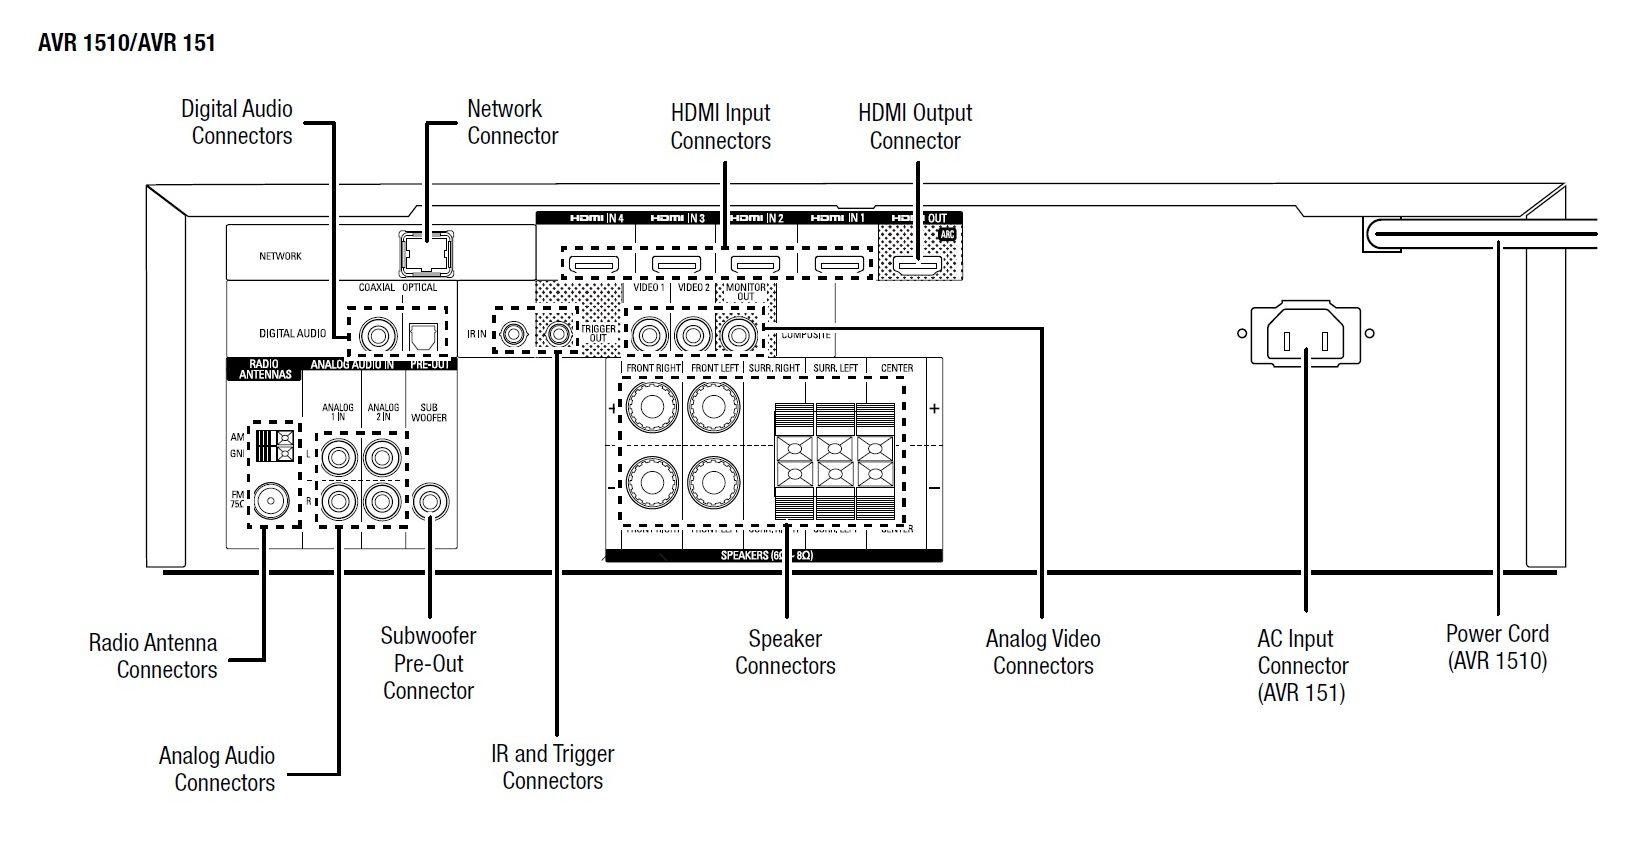 harman/kardon HKTS 9 BQ с AVR 151 ресивър - 7